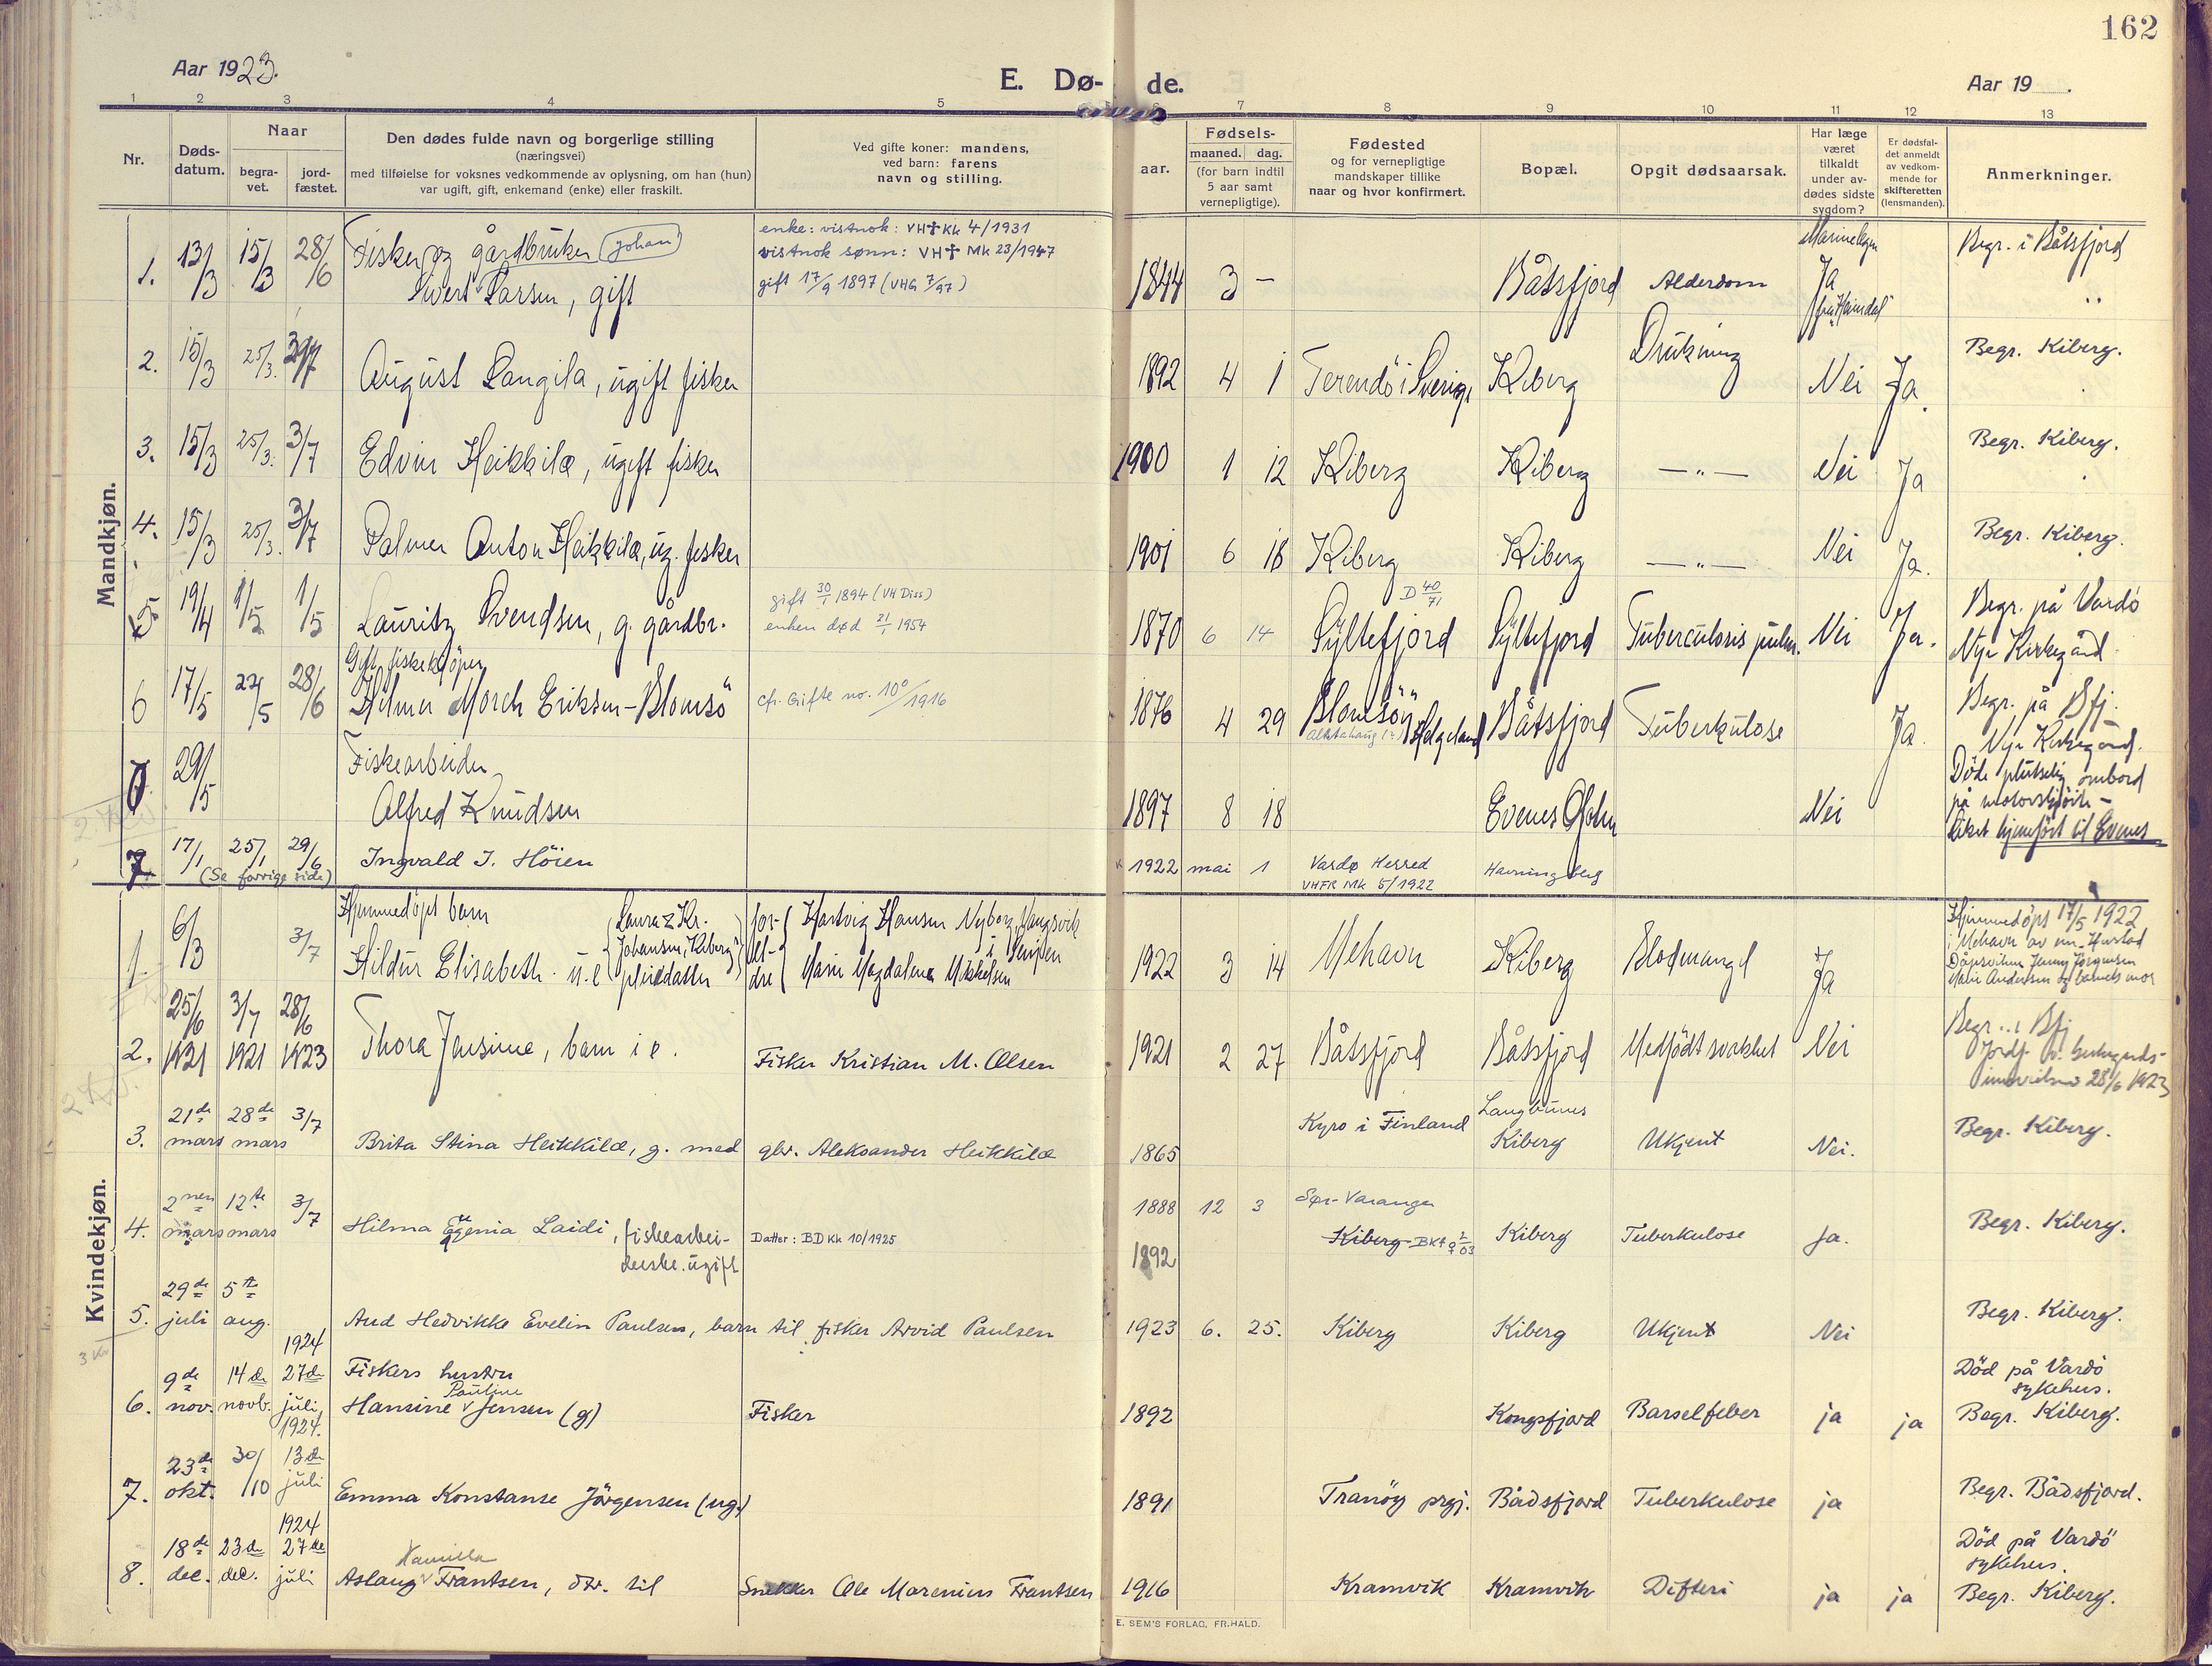 SATØ, Vardø sokneprestkontor, H/Ha/L0013kirke: Ministerialbok nr. 13, 1912-1928, s. 162